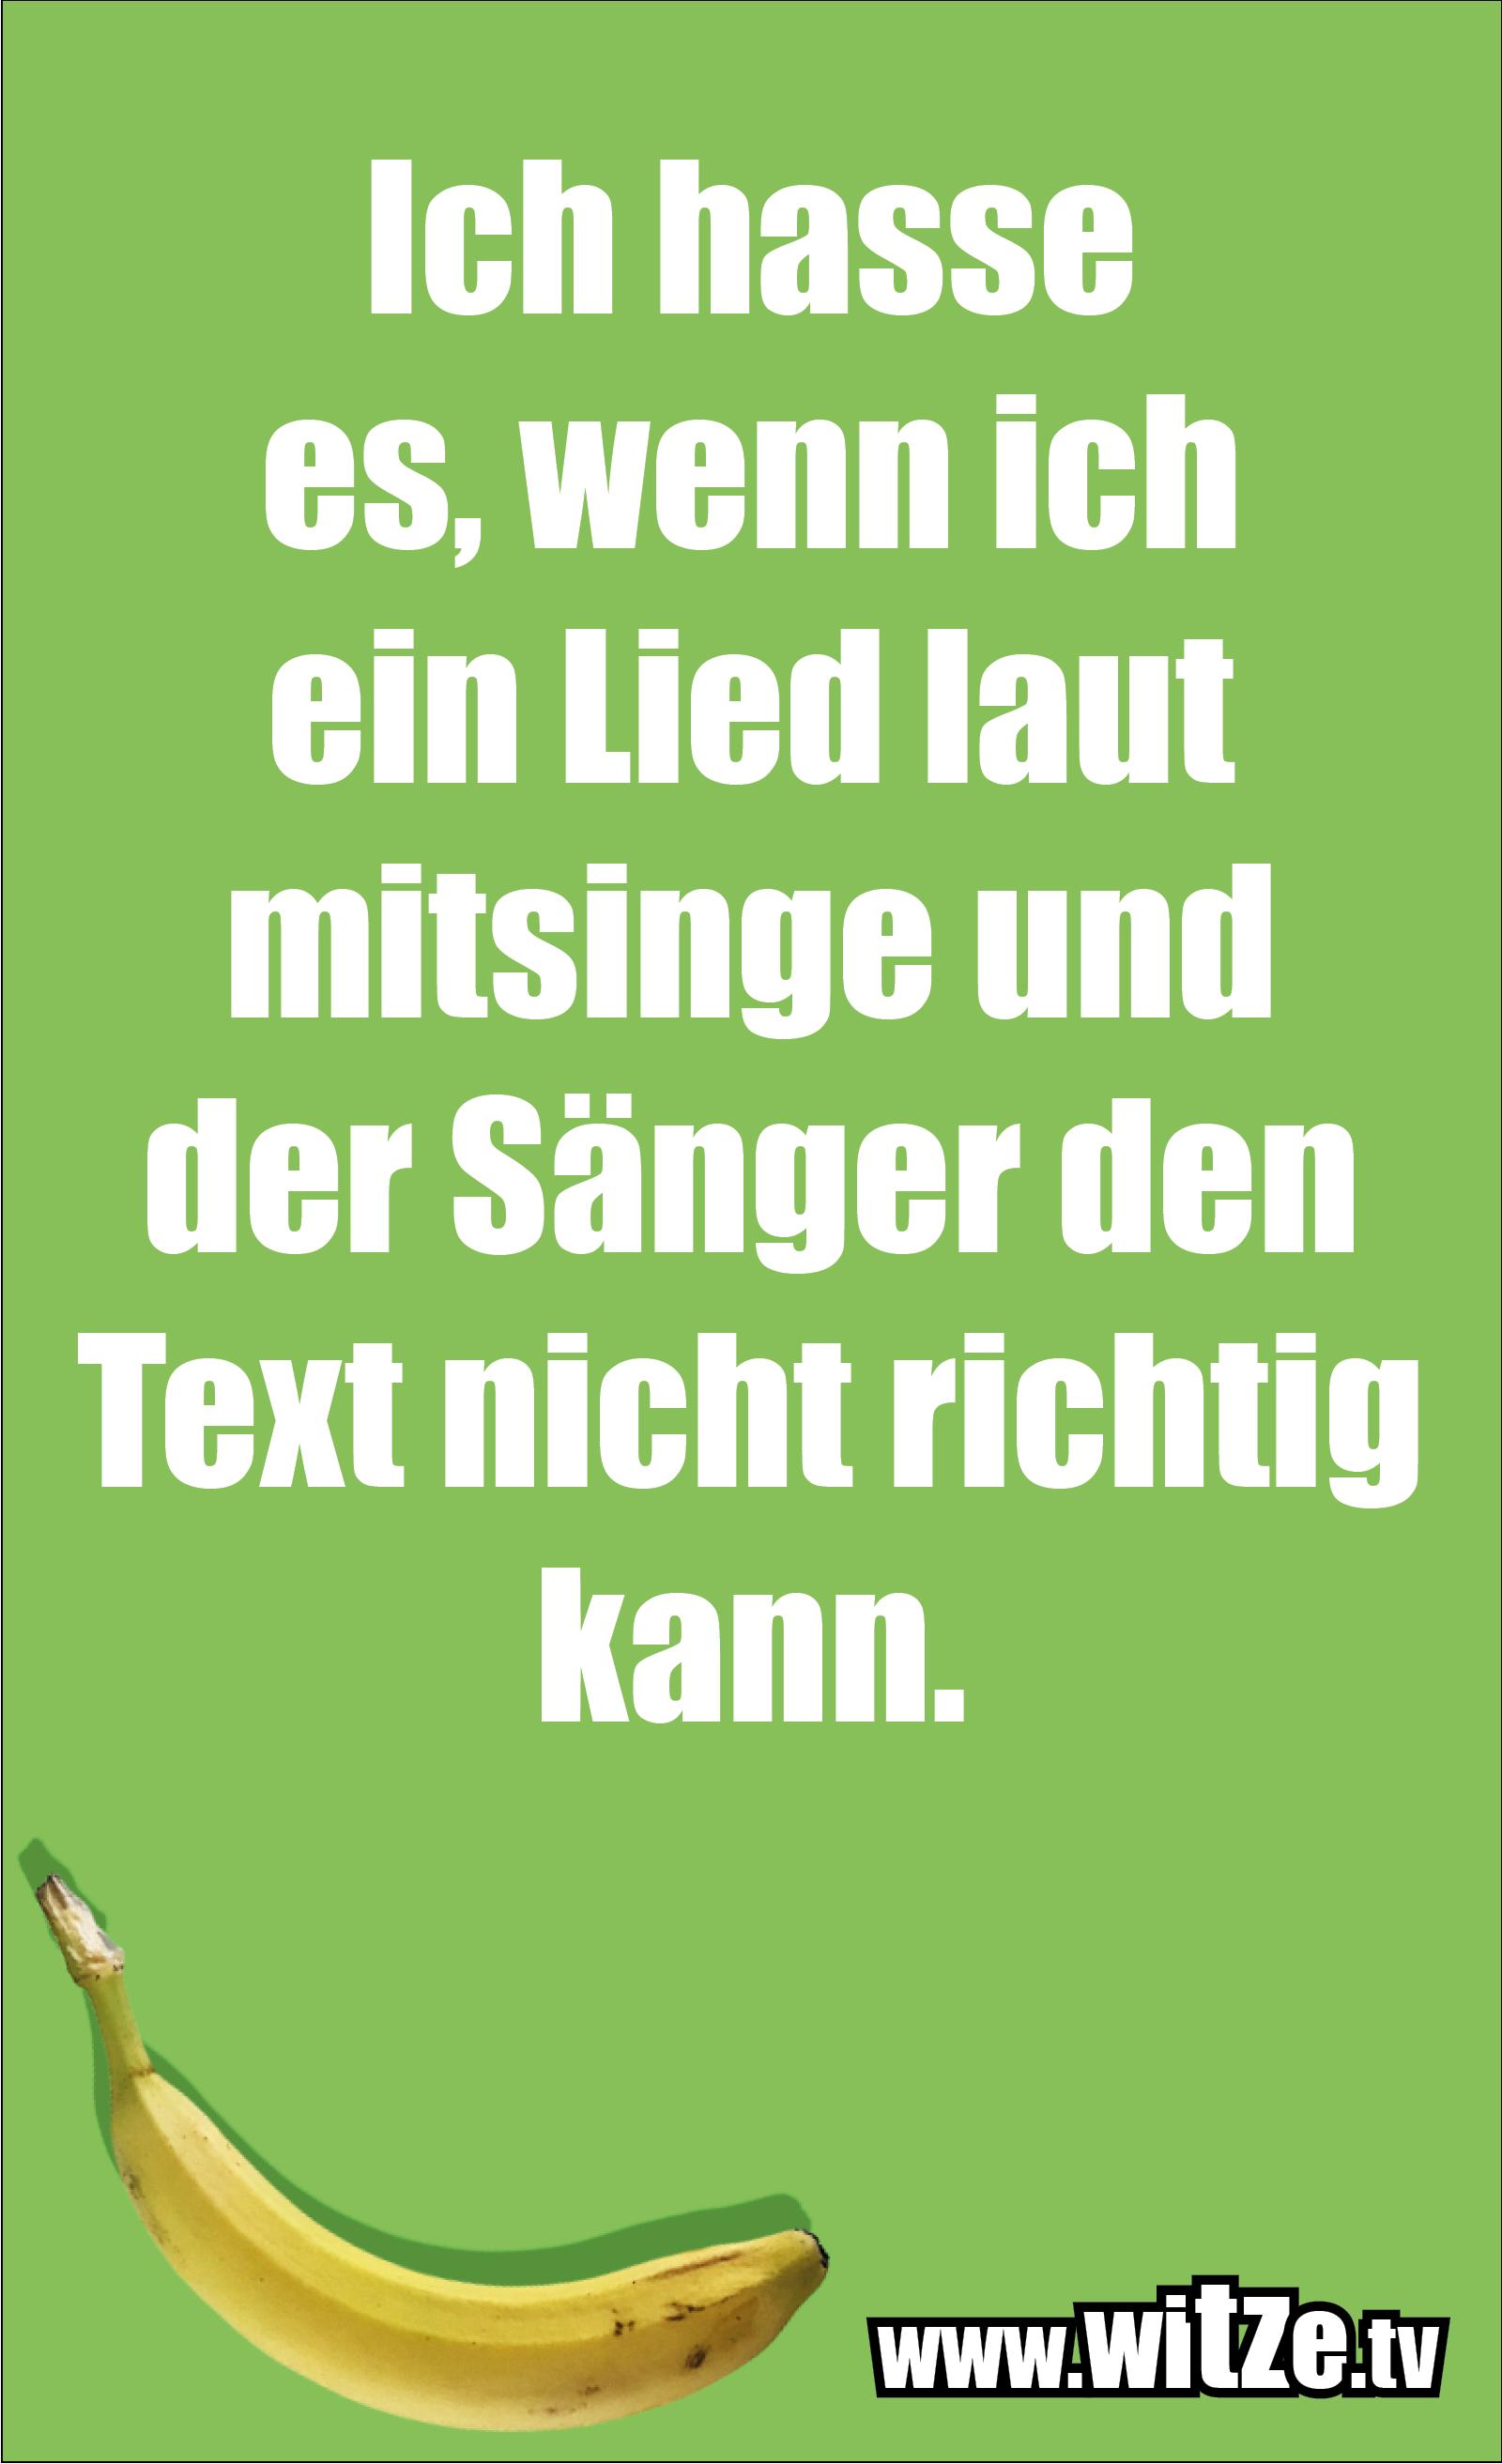 Sarkasmus Sprüche: Ich hasse es, wenn ich ein Lied laut mitsinge und der Sänger den Text nicht richtig kann.